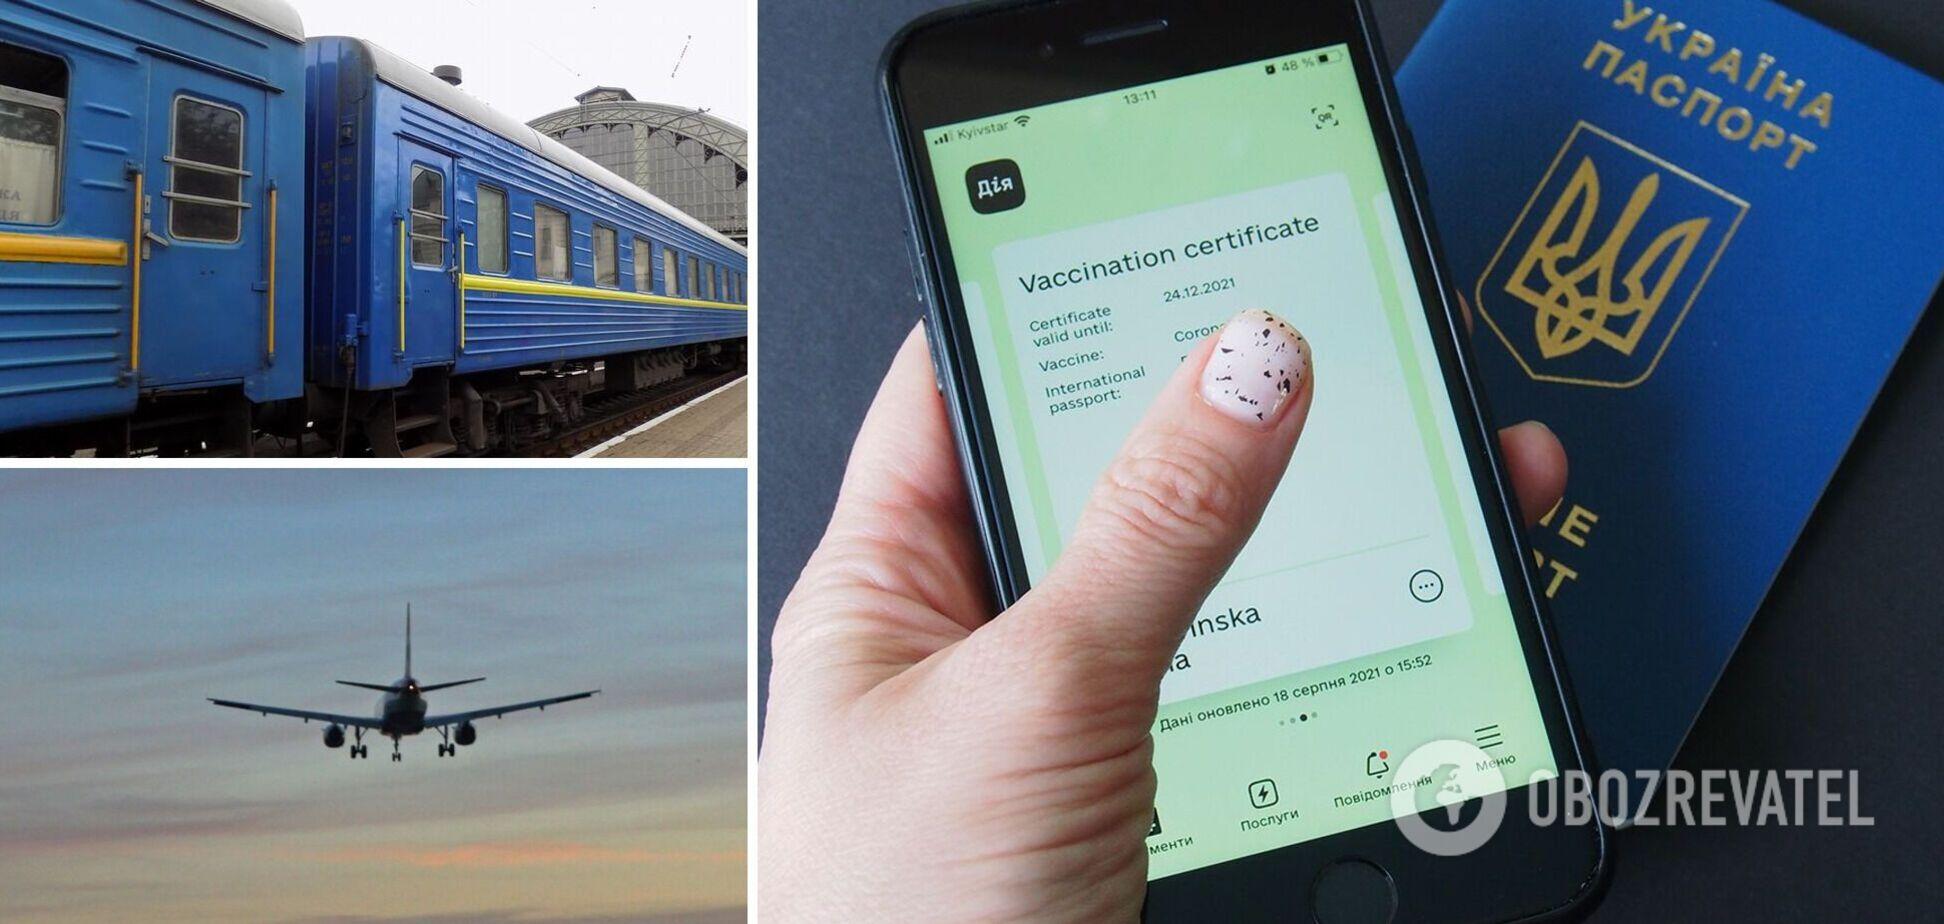 Новые правила поездок и перелетов в Украине: какие документы будут требовать у пассажиров с 21 октября